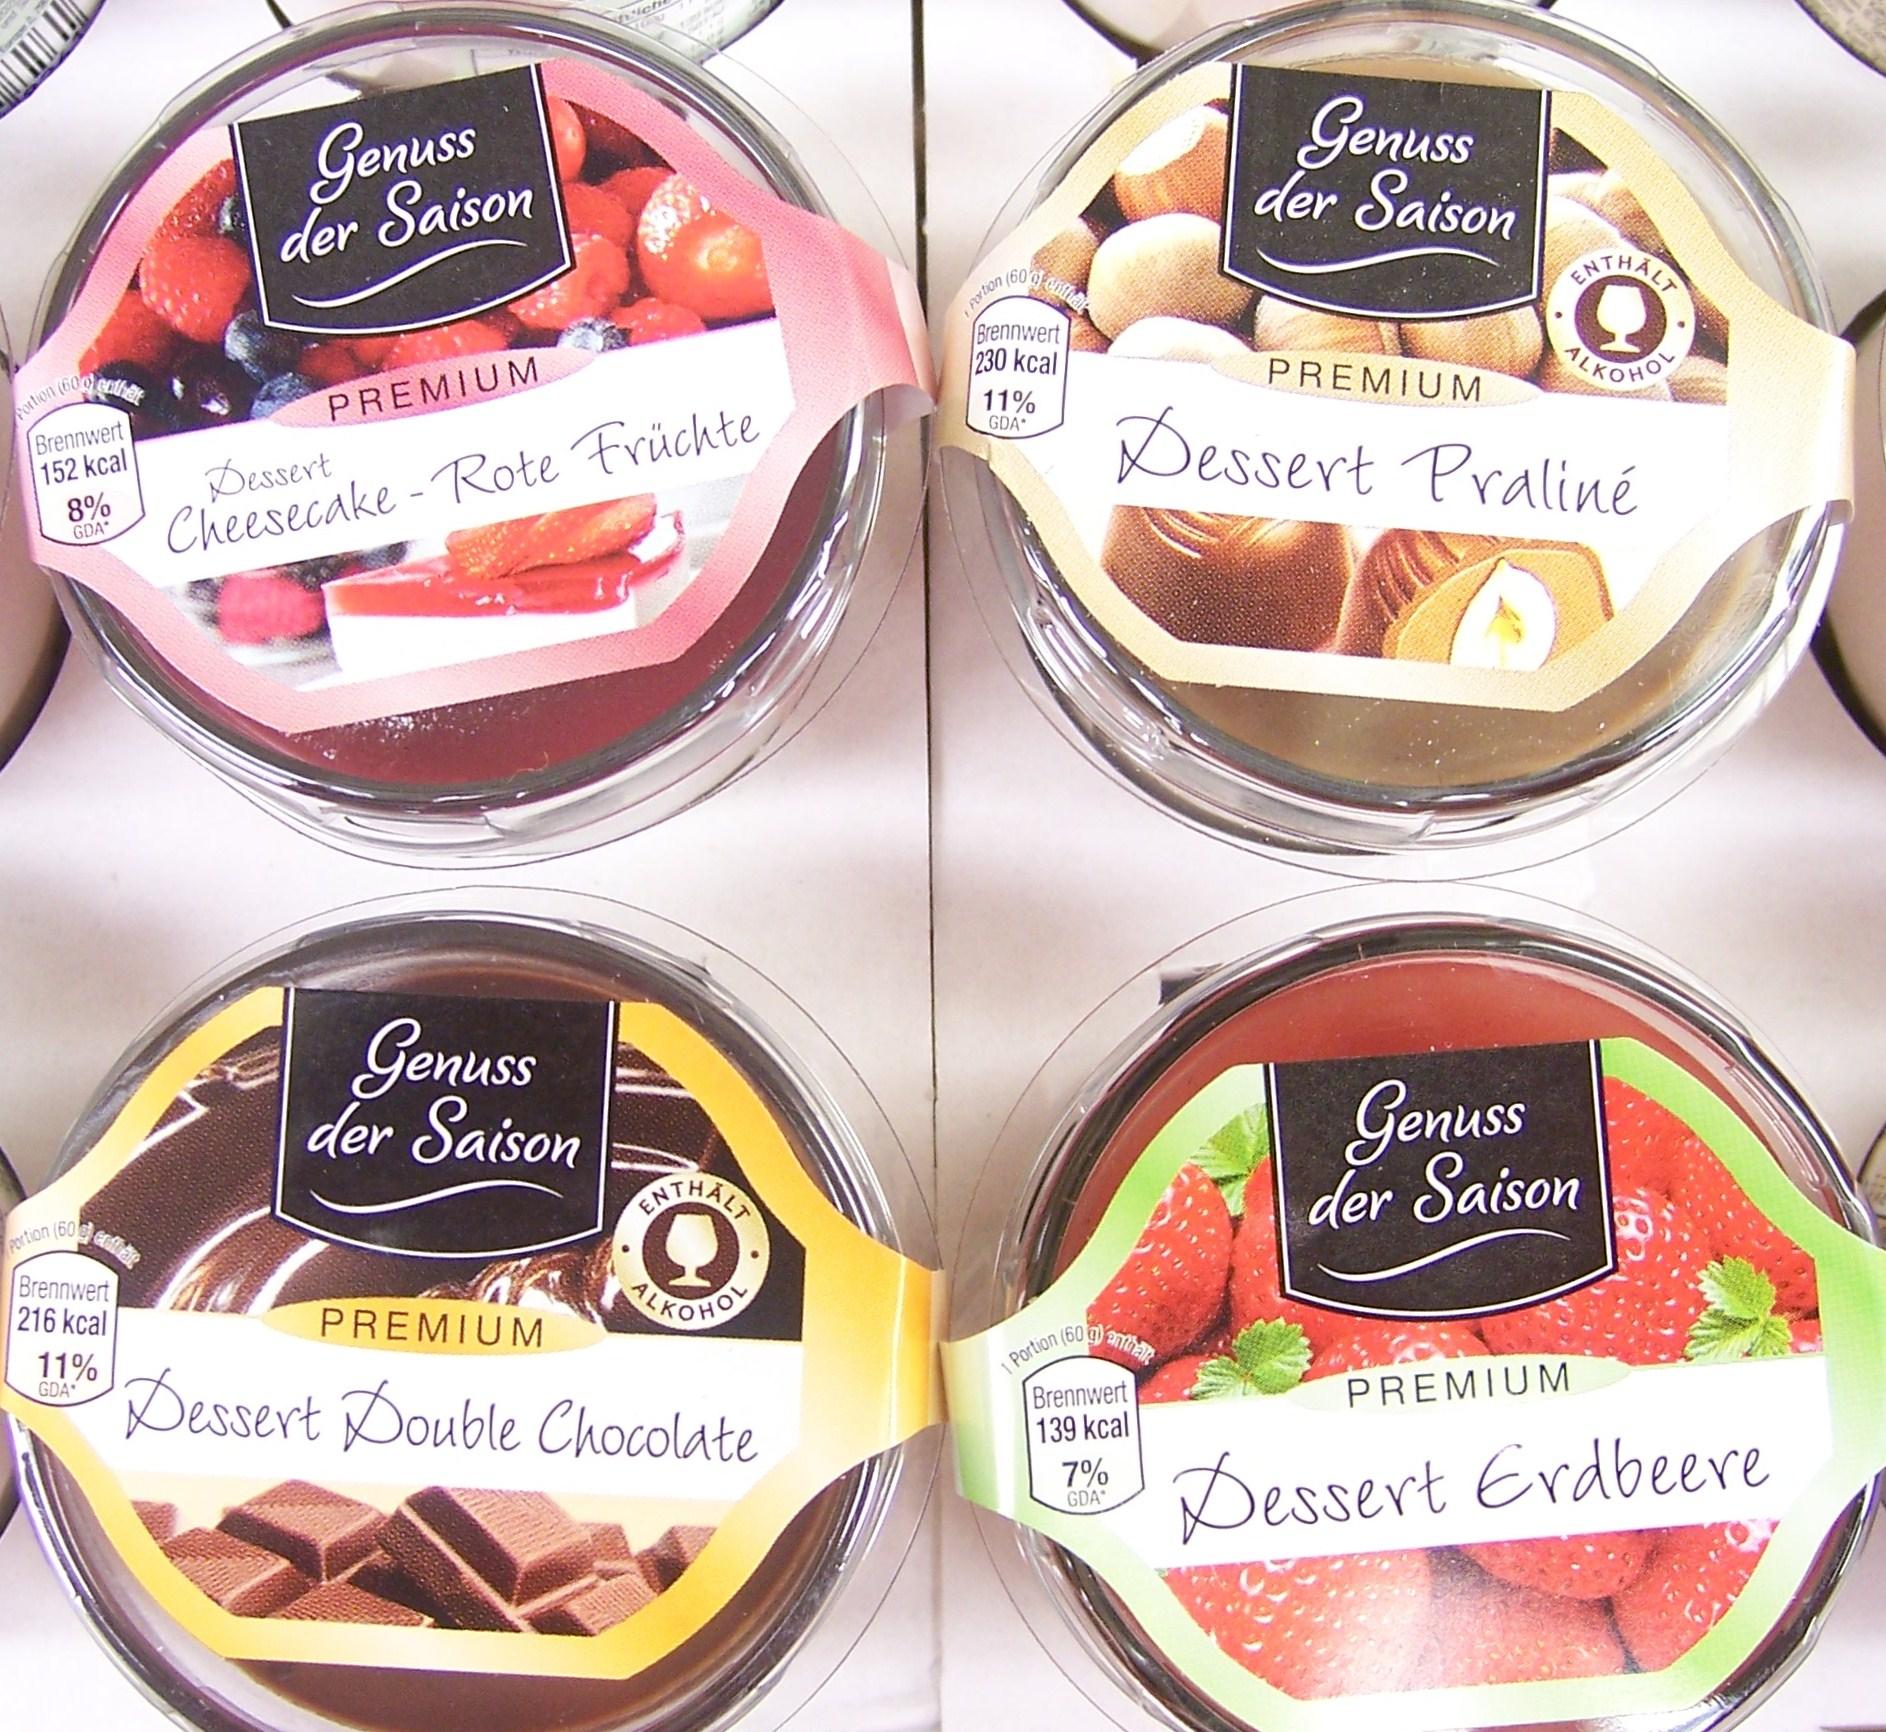 premium dessert beispiel sorte erdbeere lebensmittelklarheit. Black Bedroom Furniture Sets. Home Design Ideas